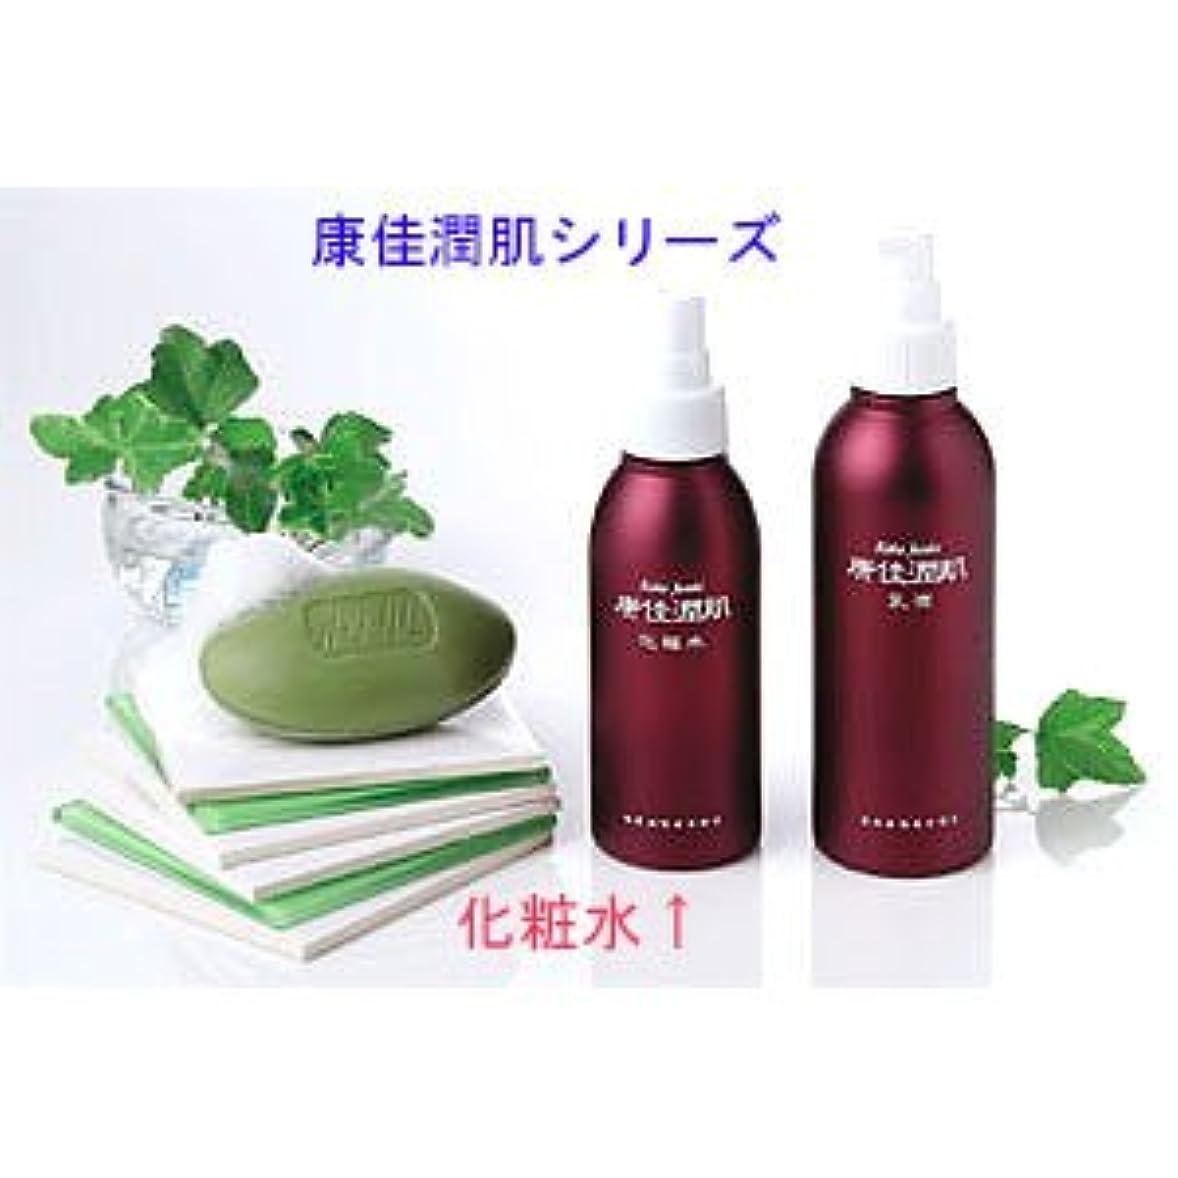 強化気味の悪い依存する『康佳潤肌(こうかじゅんき)化粧水』赤ちゃん、アトピー、敏感肌の方のために!医師が開発した保湿と清浄に優れた漢方薬入り化粧品。